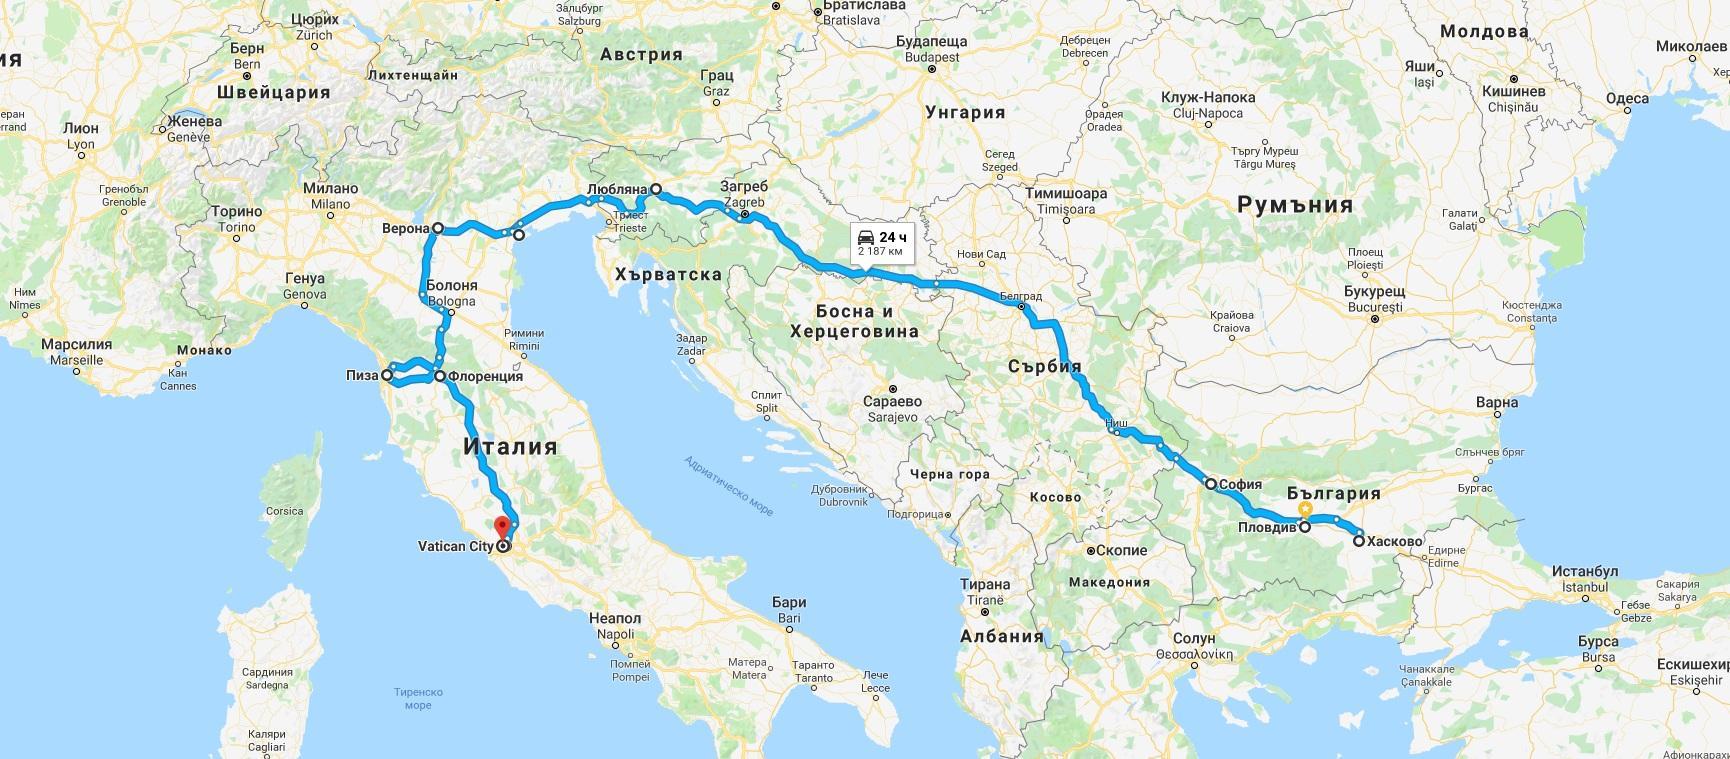 Екскурзия до Флоренция,Рим и Ватикана 16.03.2019